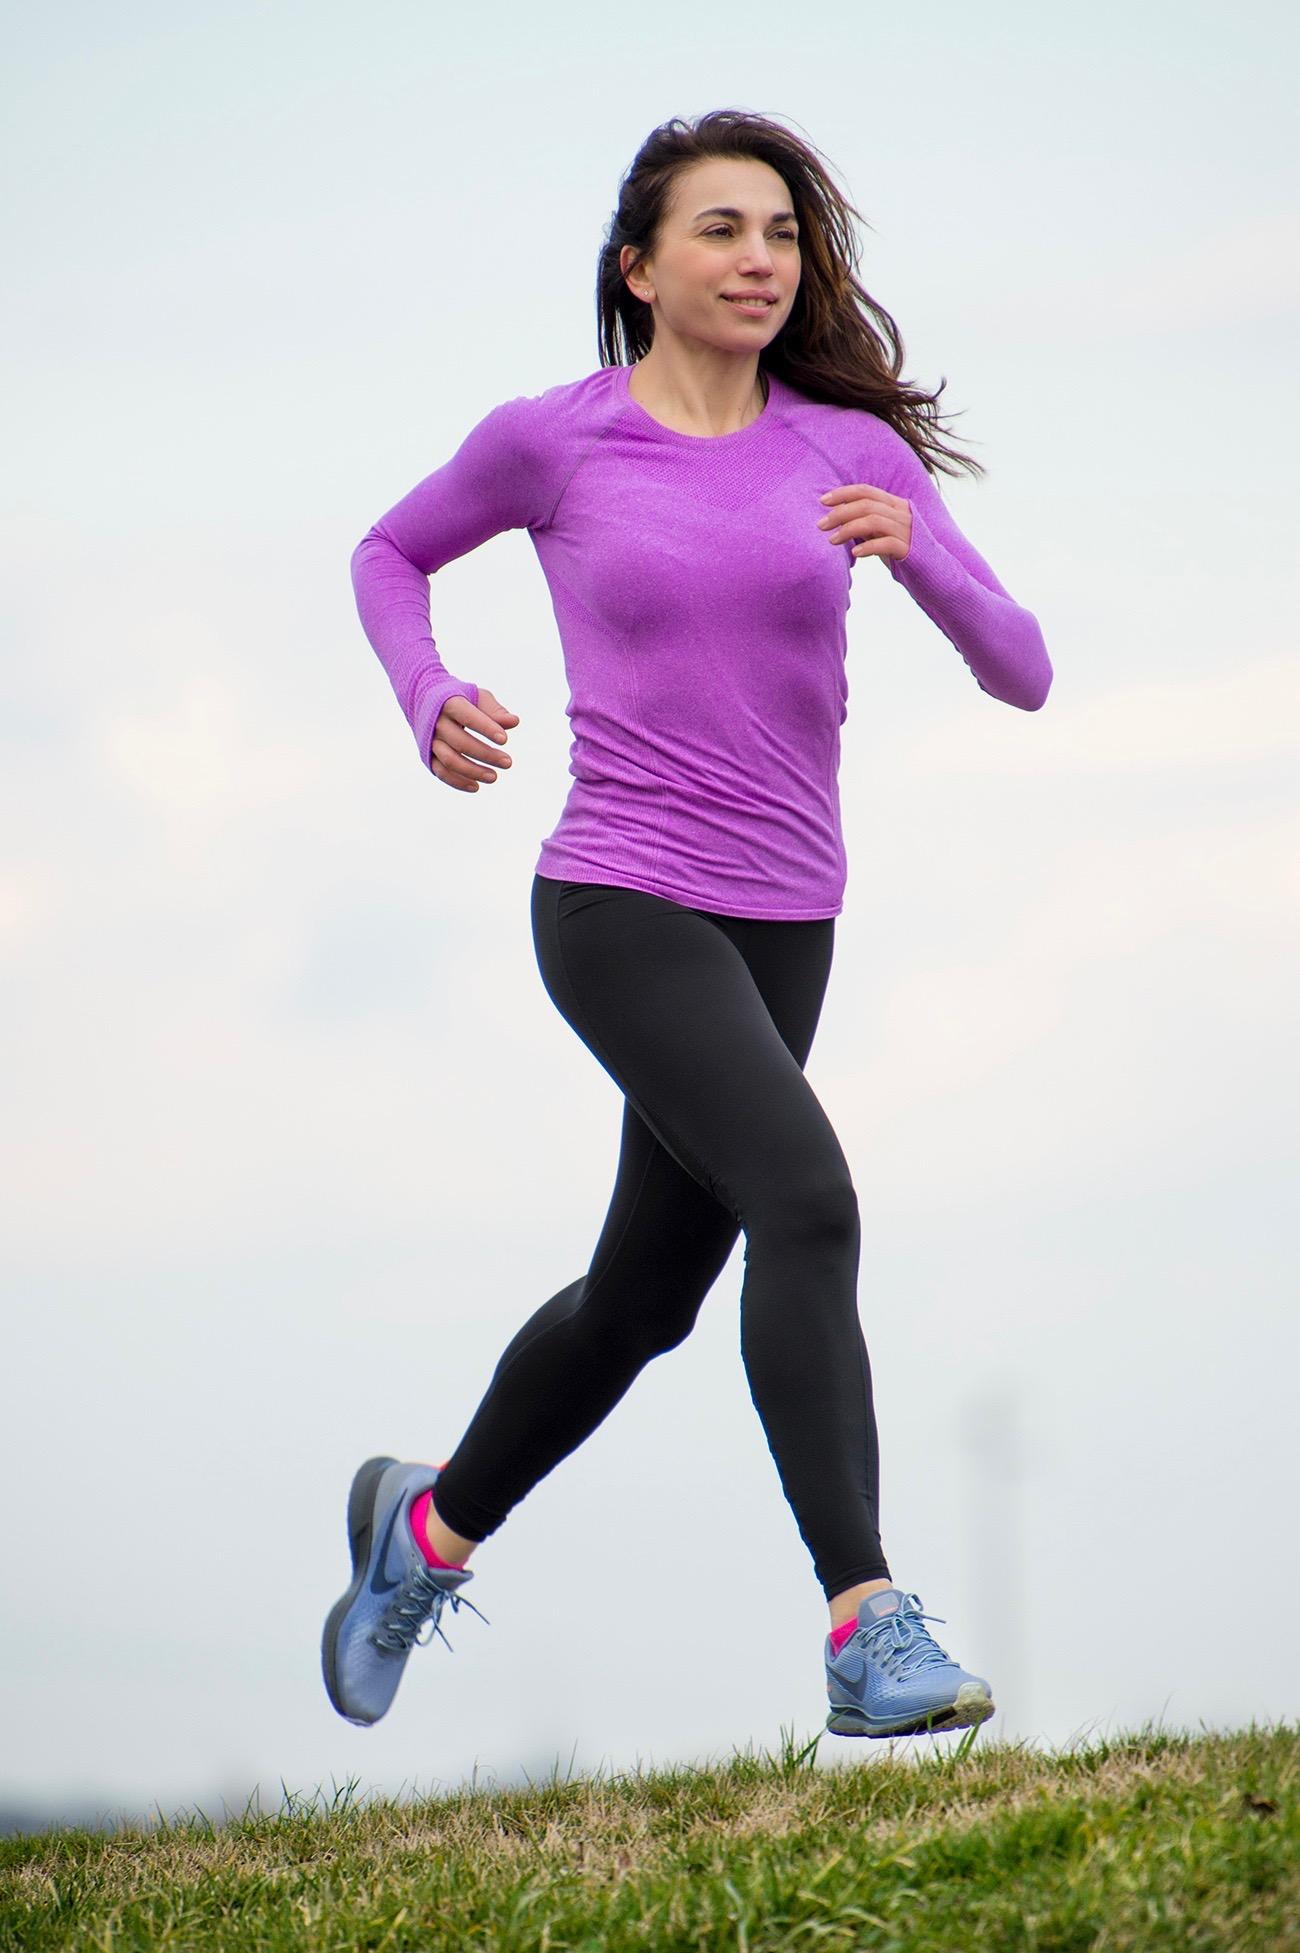 Irene Righetti corre - foto di Pierluigi Benini per Running Post